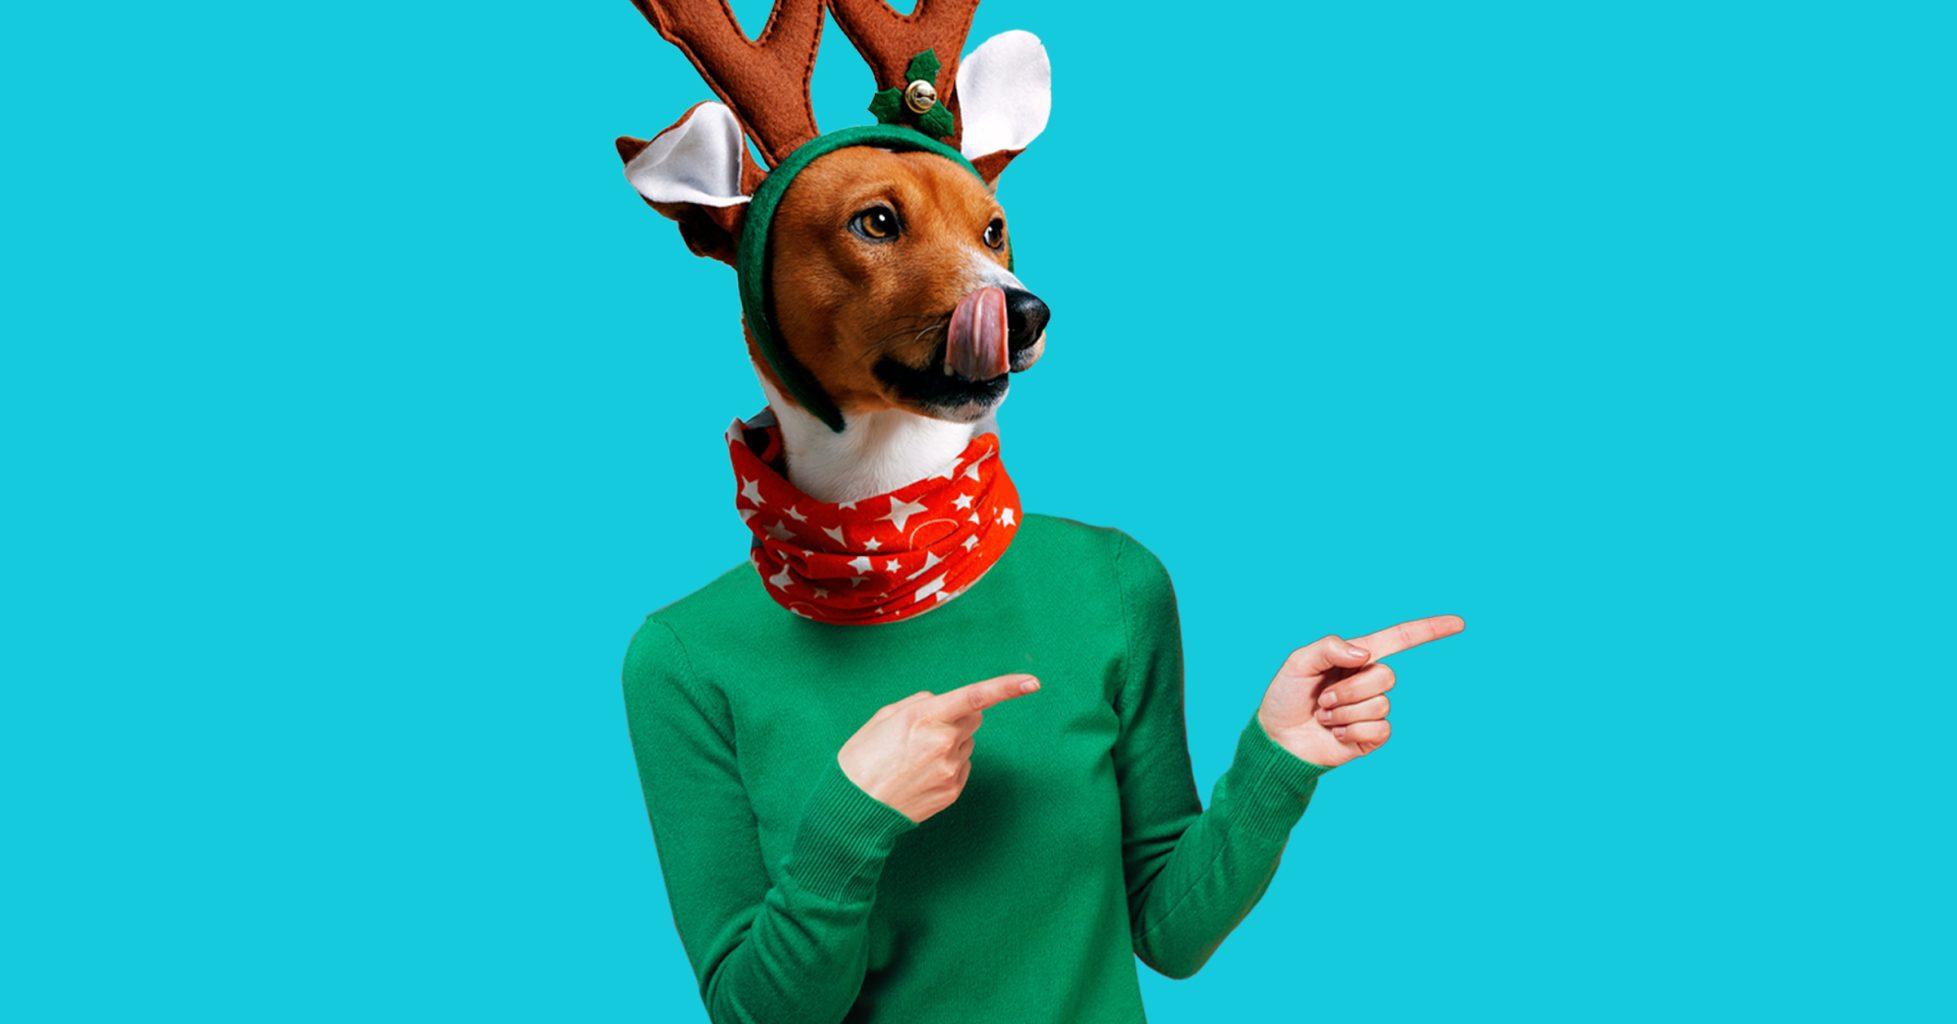 Zet je bedrijf op de (kerst)kaart!